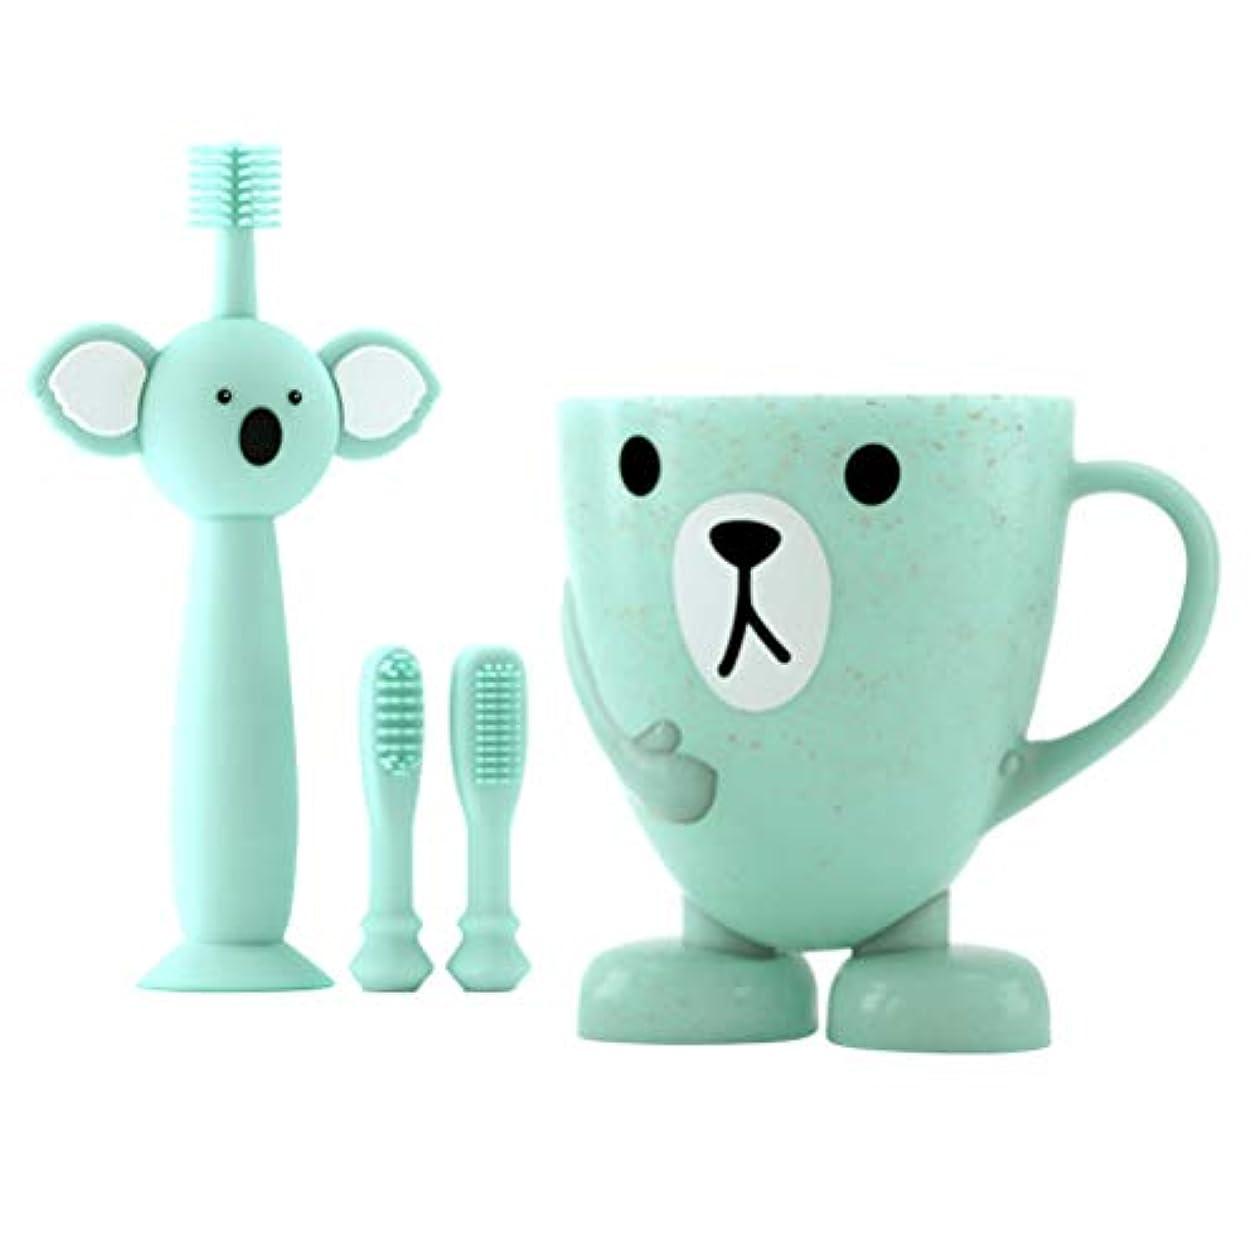 極端な汚染味TOYANDONA 赤ちゃんの歯のクリーニングセット幼児シリコン歯ブラシ2個付き交換用ブラシヘ??ッドカップ4個